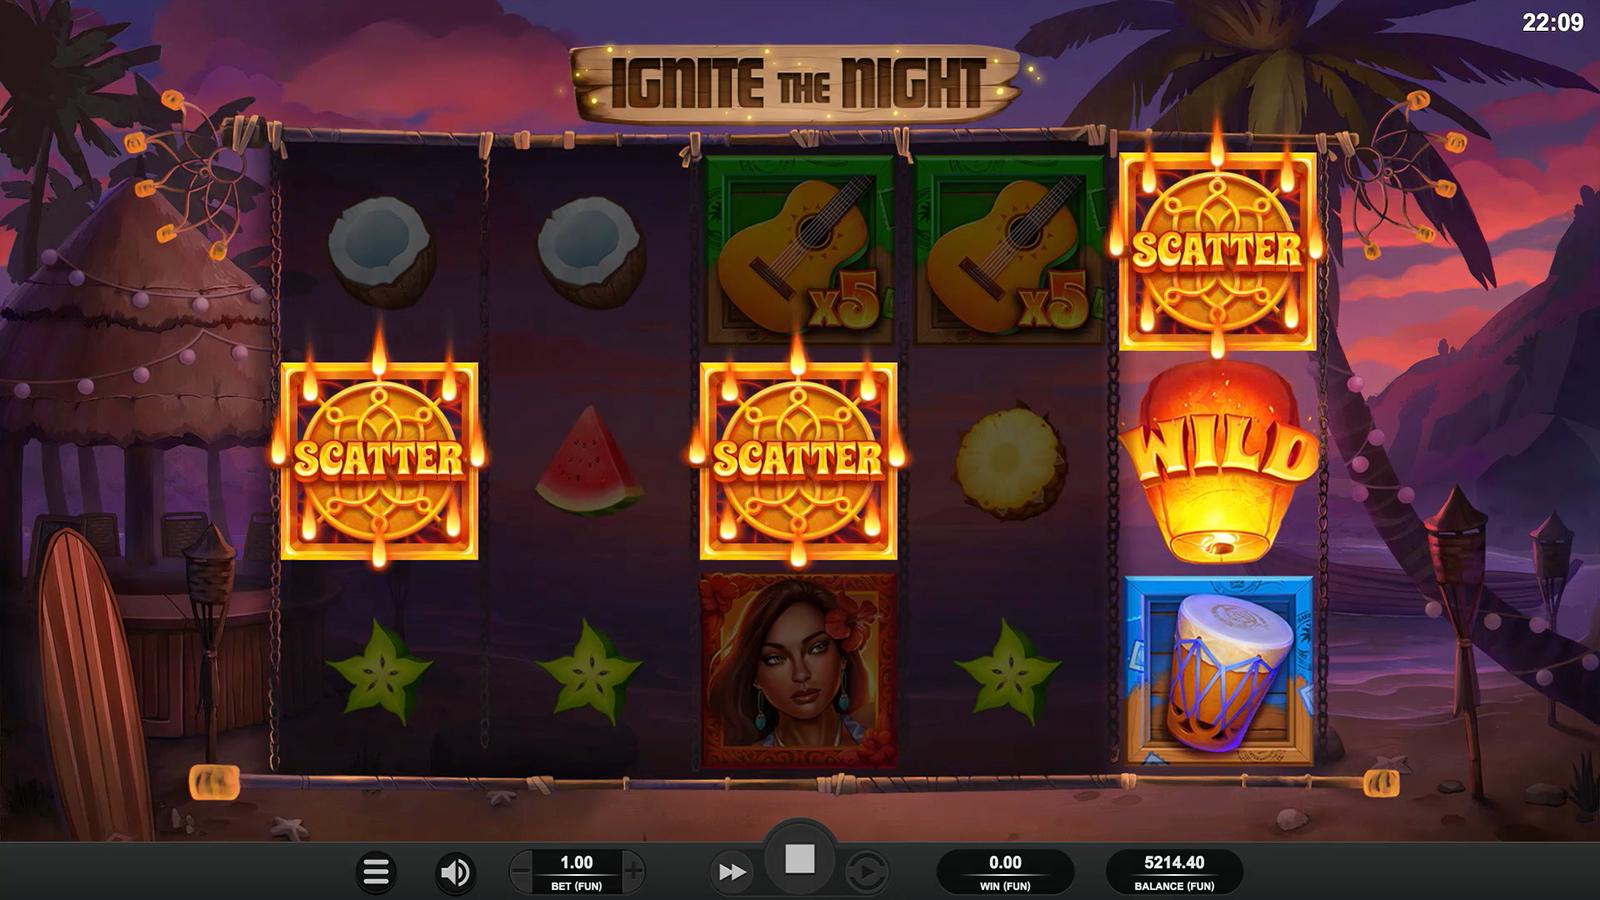 Ignite the Night Screenshot